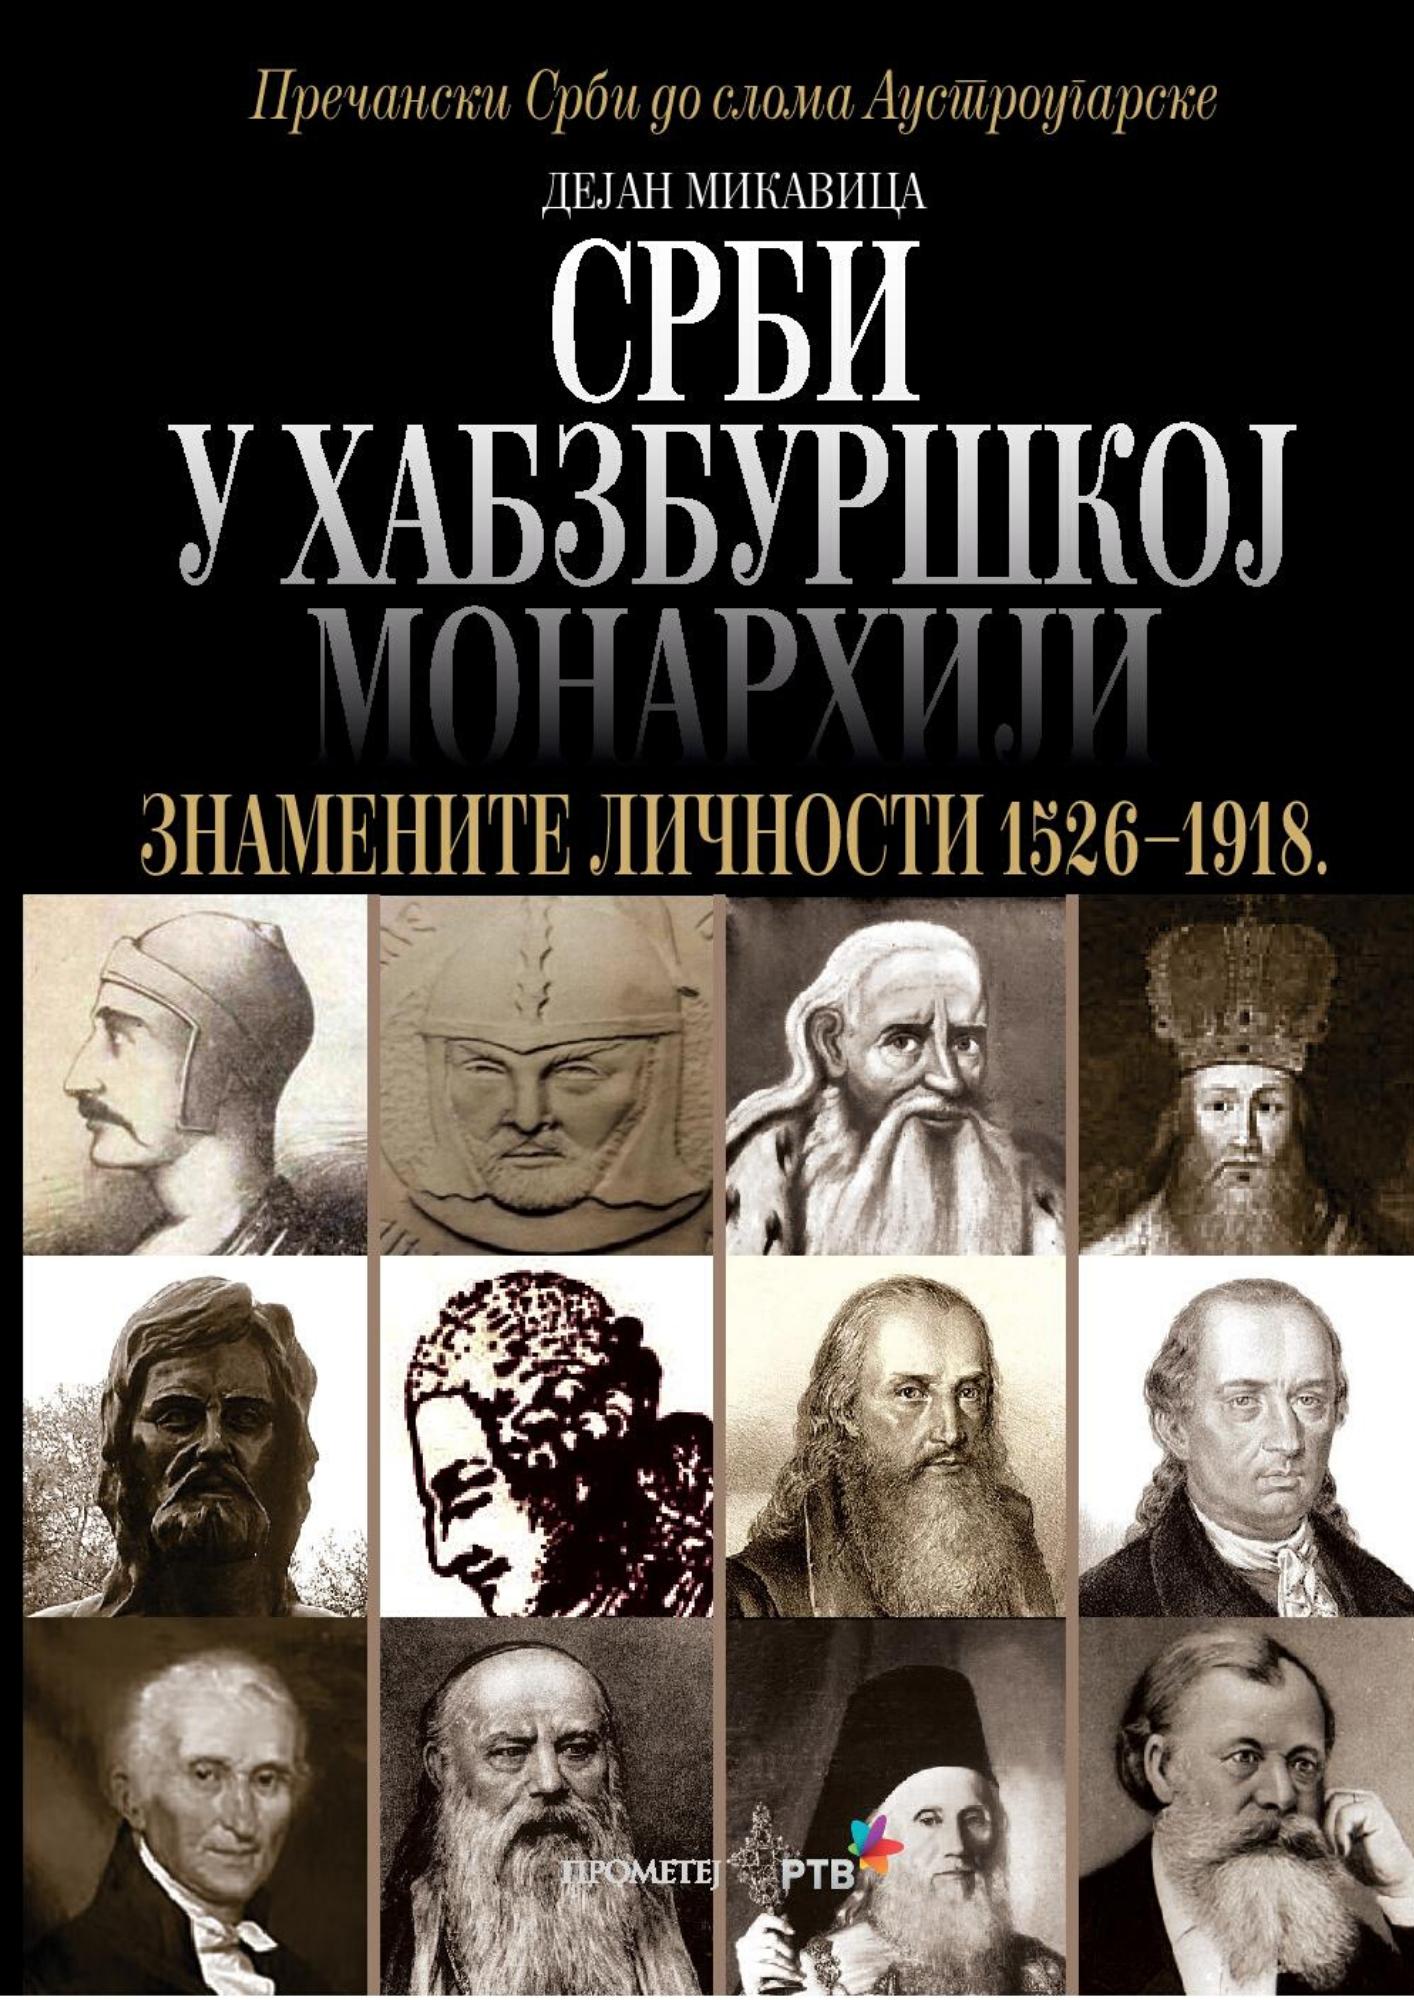 Srbi u Habzburškoj monarhiji – znamenite ličnosti 1526-1918.